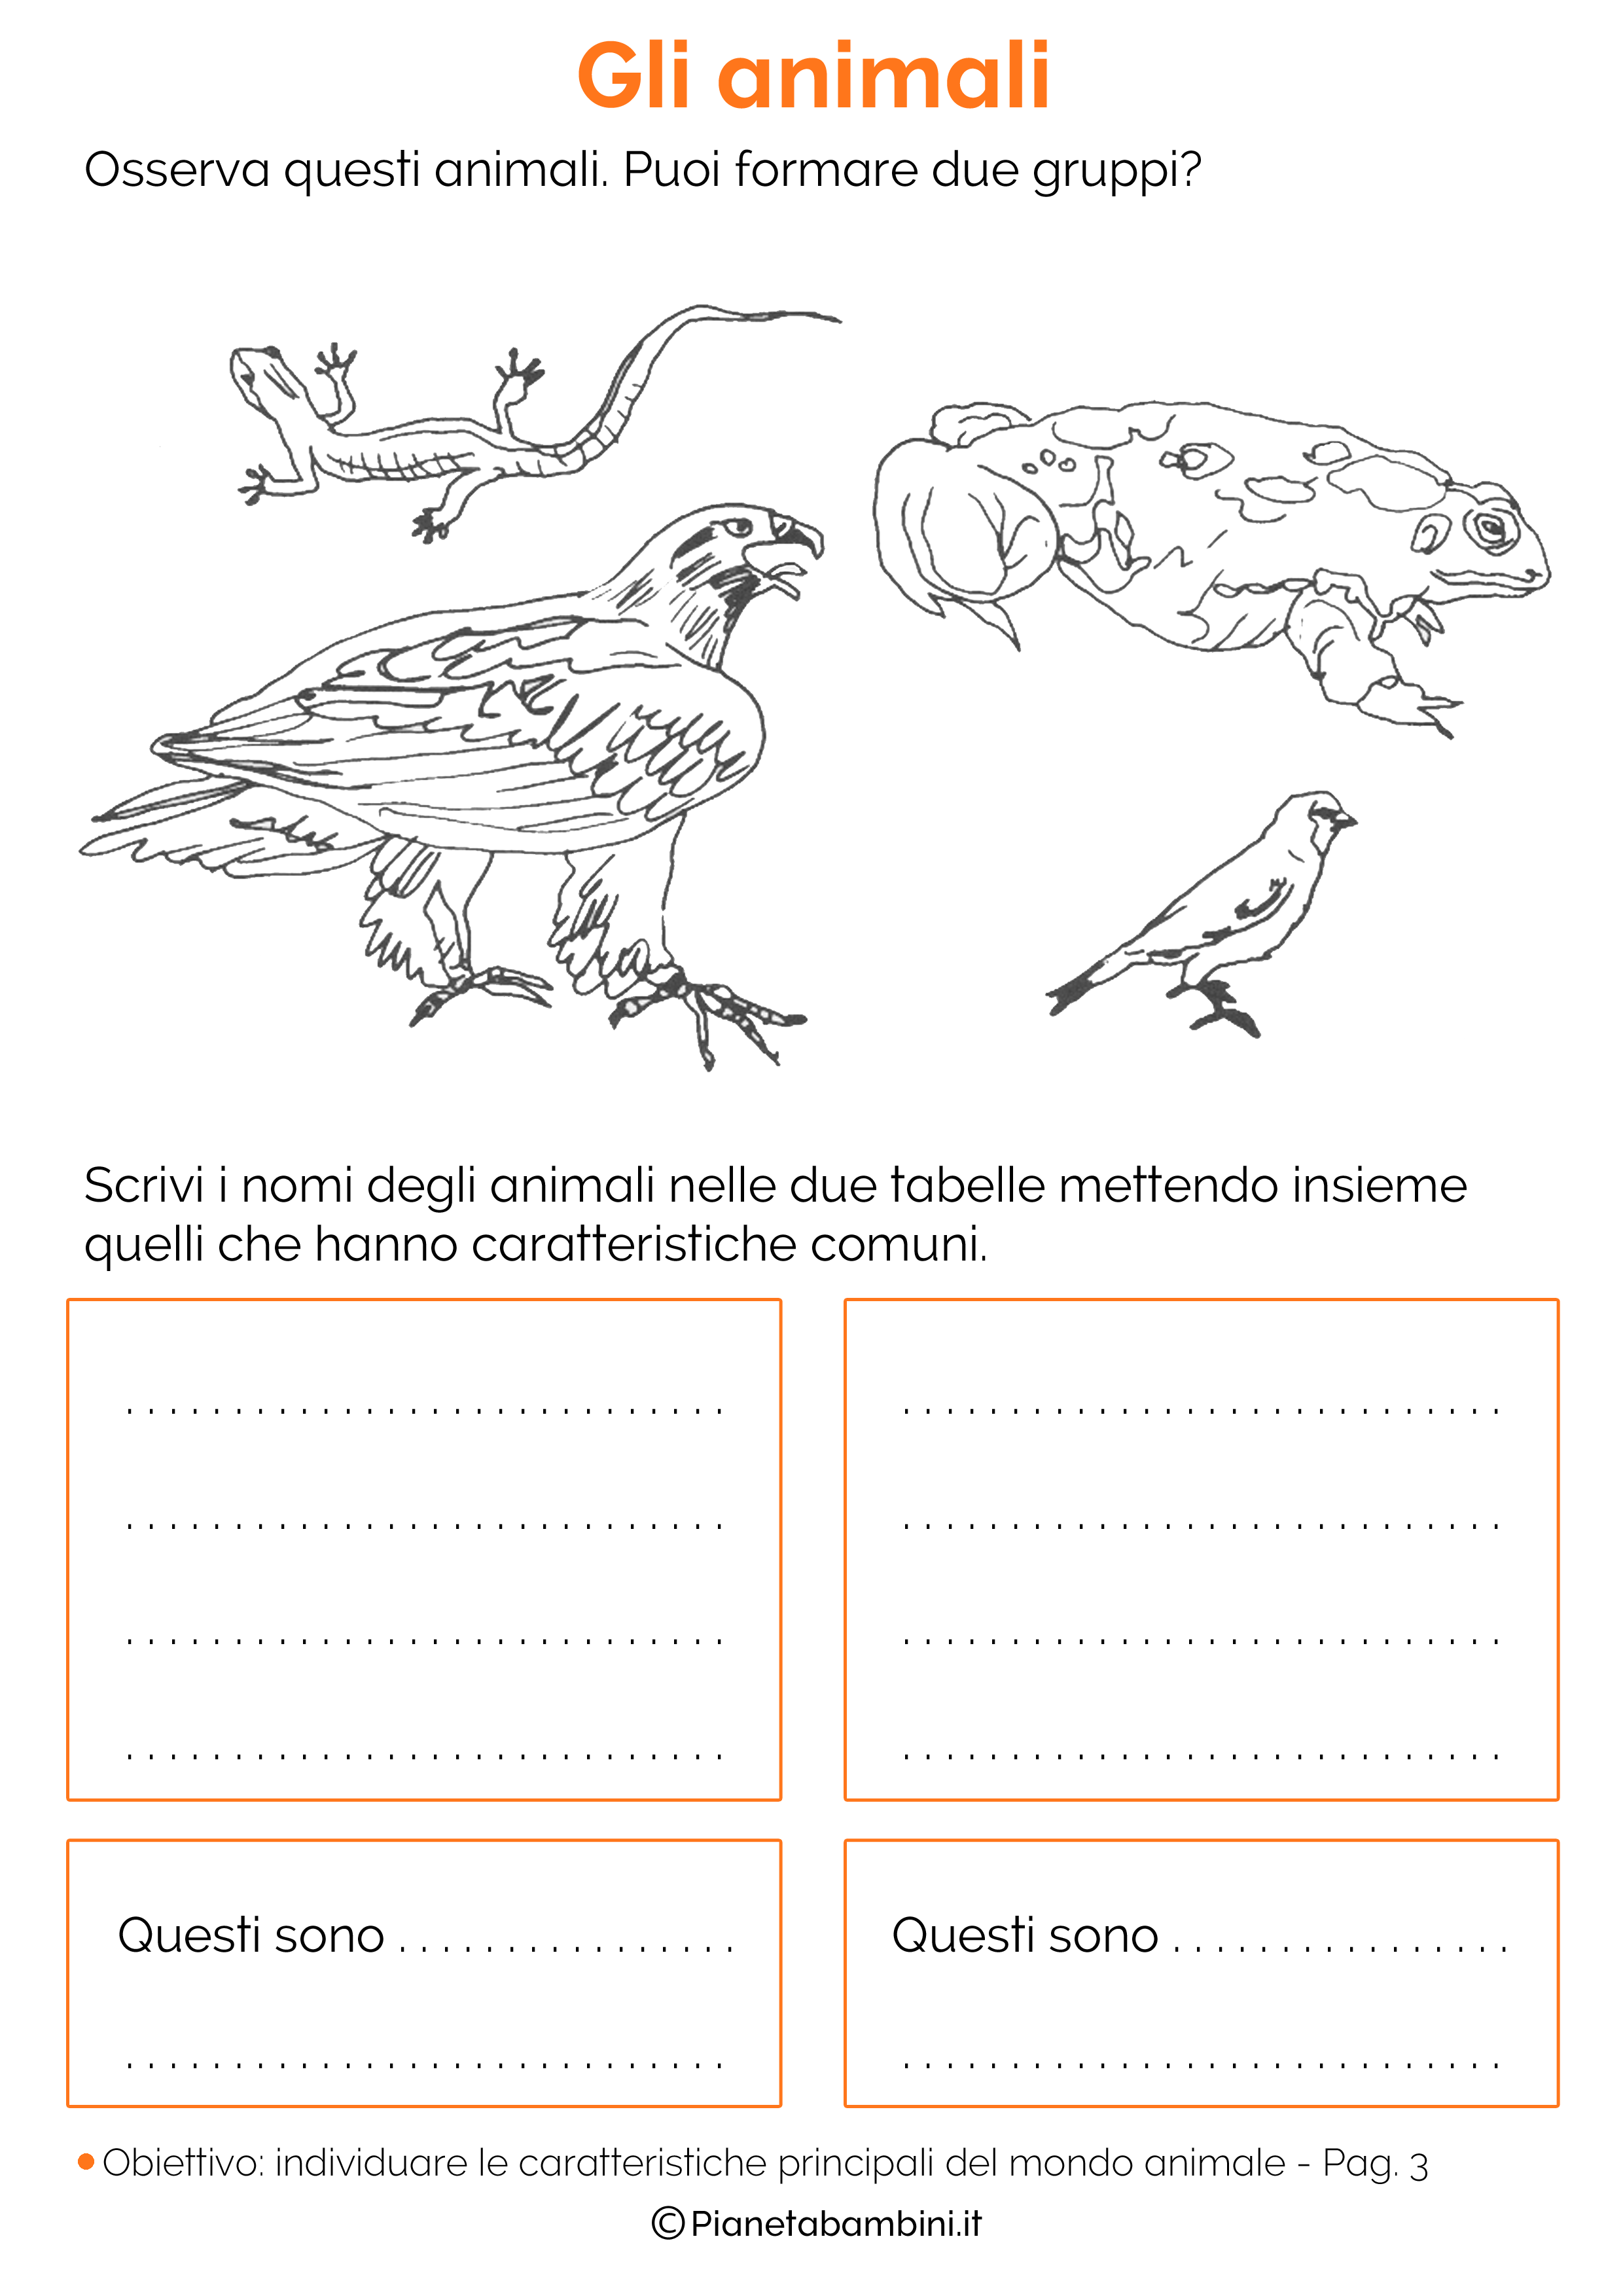 Eccezionale Schede Didattiche sugli Animali per la Scuola Primaria  FK14